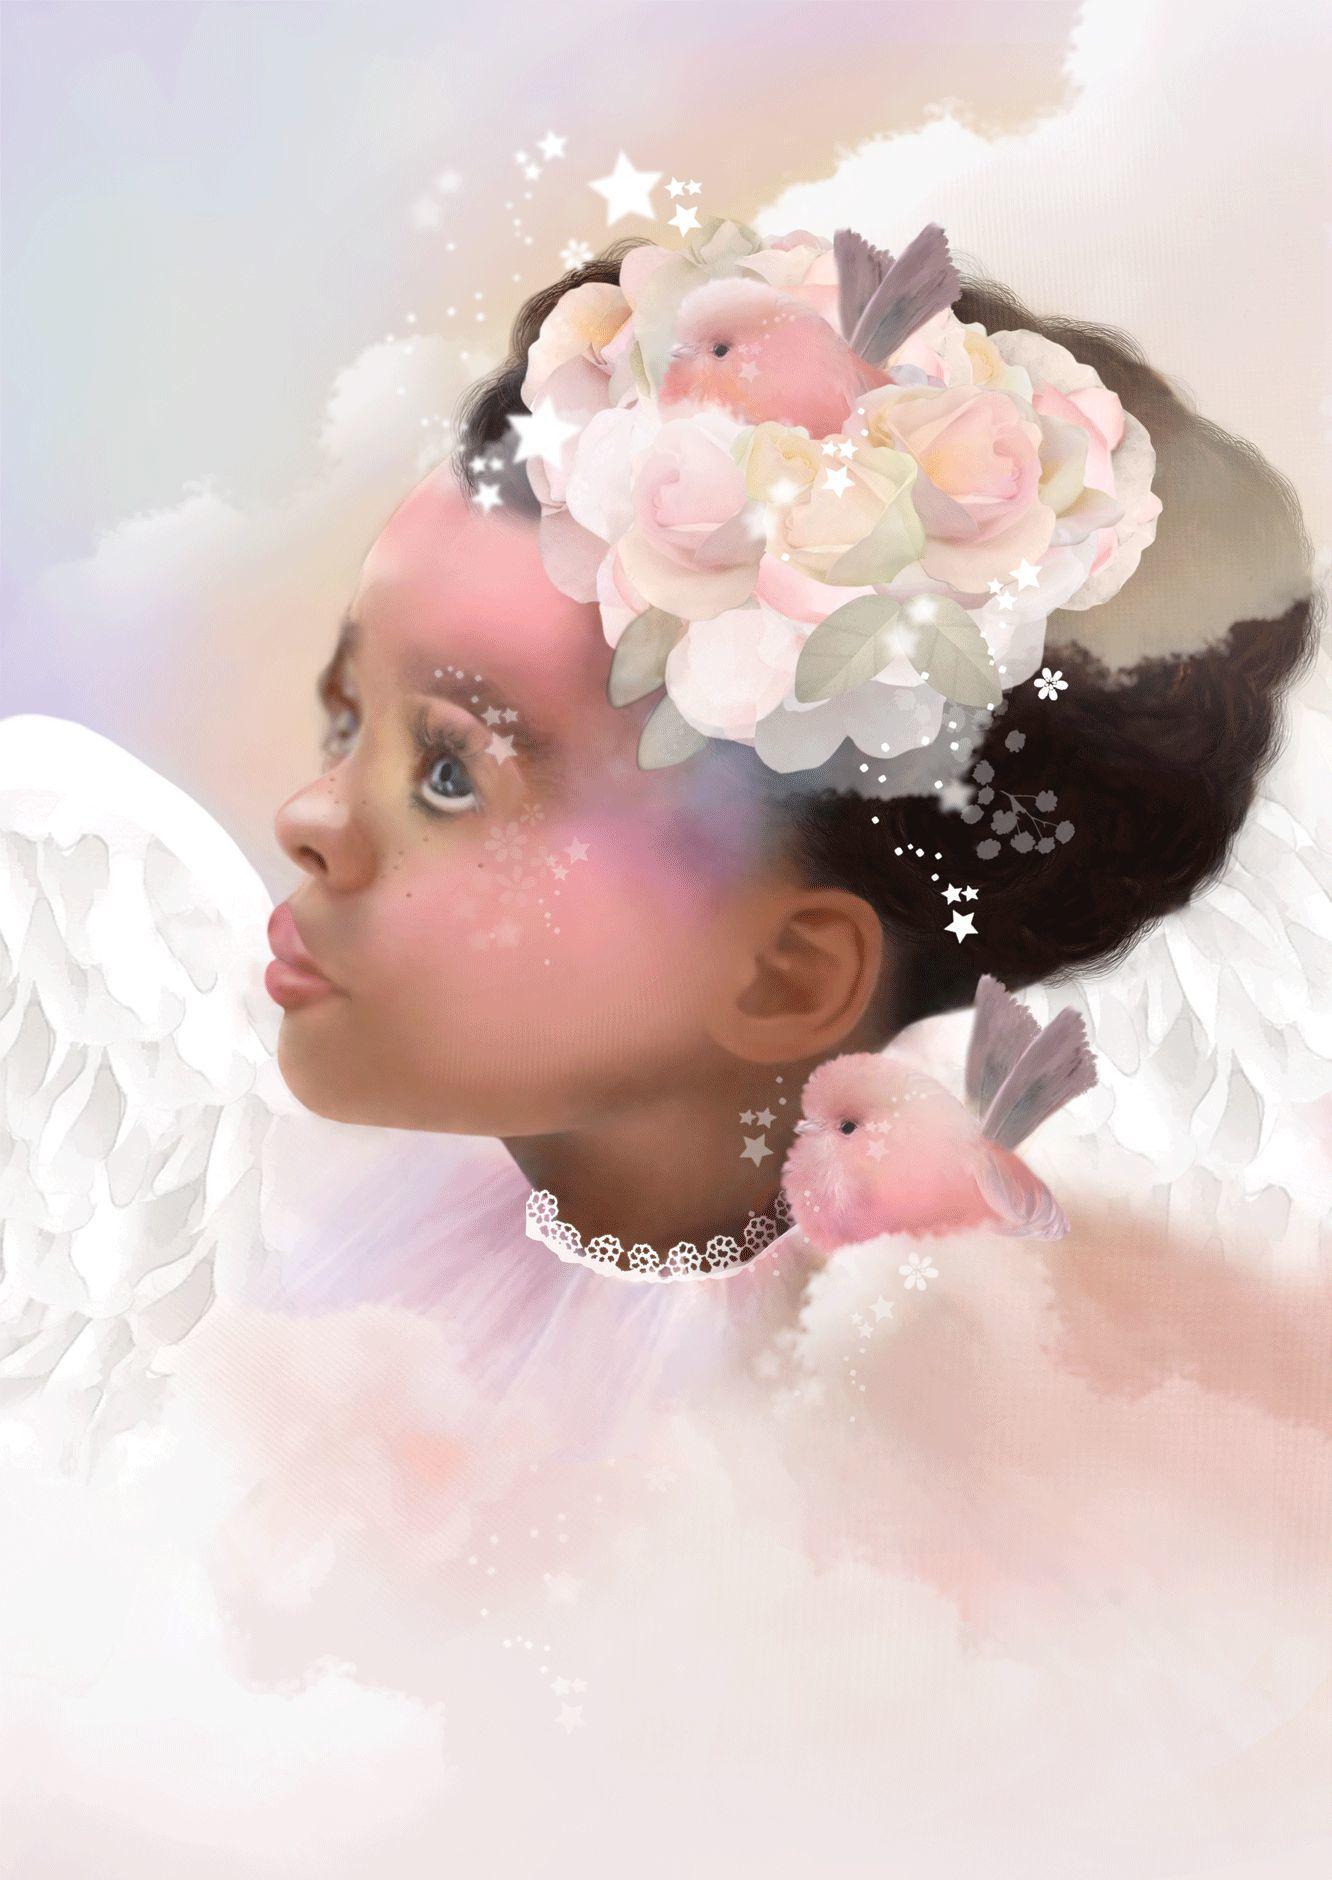 Schmooks Juliste Heavenly Heart